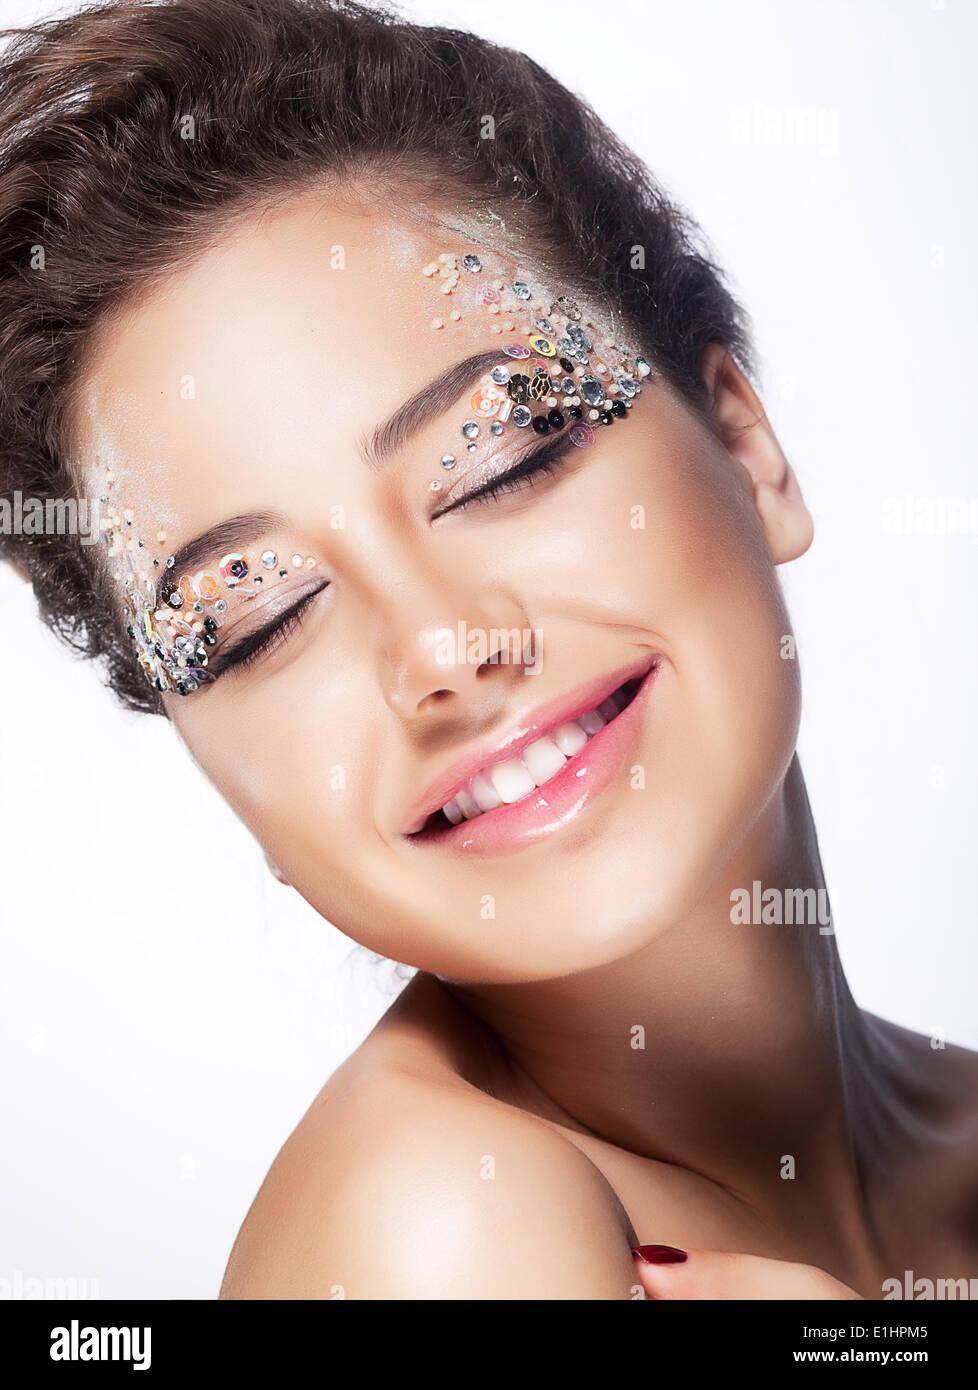 Exalté young woman smiling with closed eyes - plaisir et bonheur. La sensualité et le charme Photo Stock